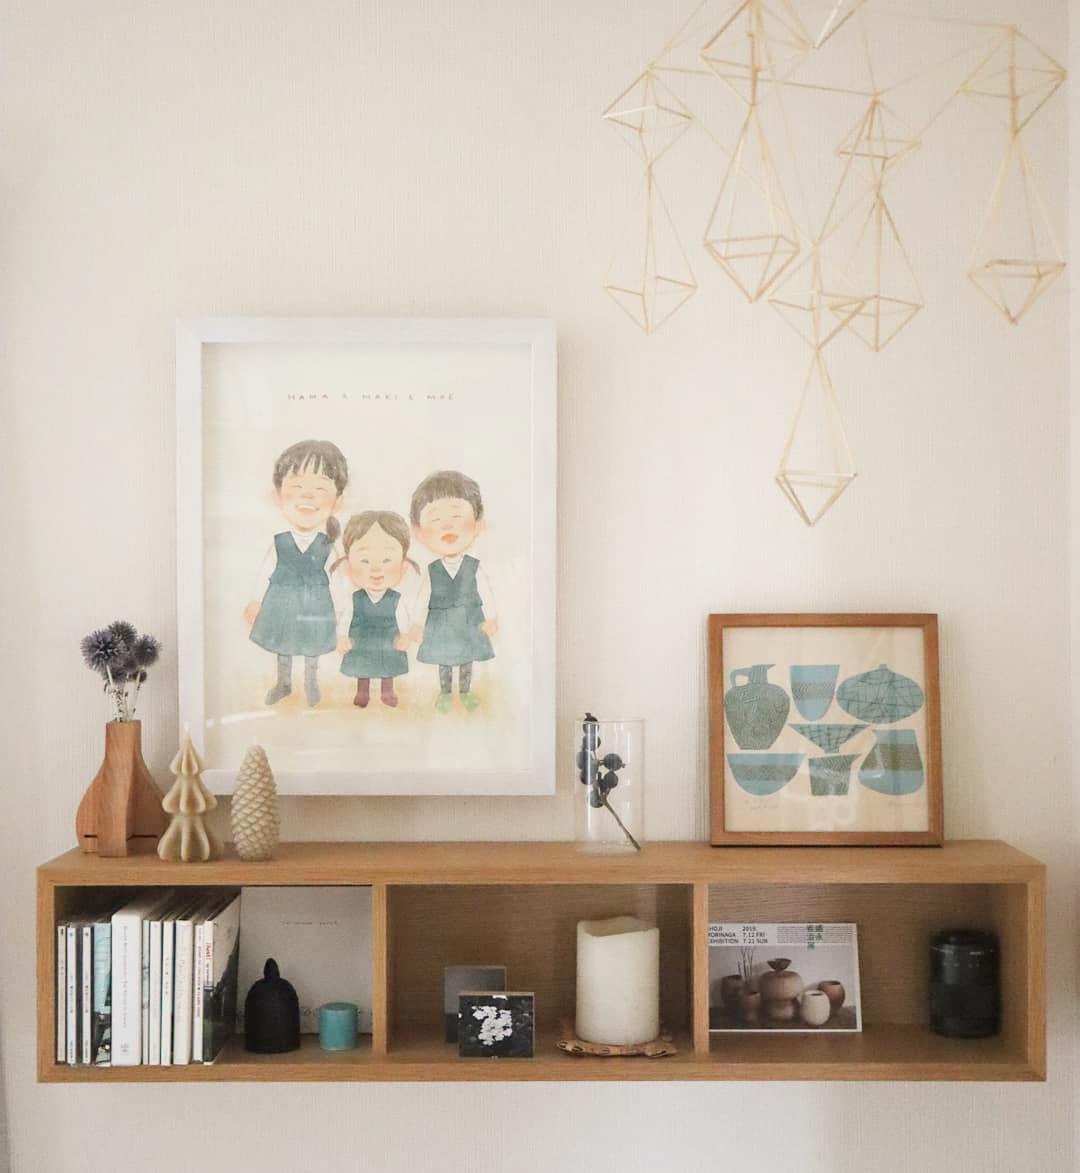 お子さんたちの似顔絵が描かれたイラストも、お部屋の雰囲気にとても合っていて素敵でした。